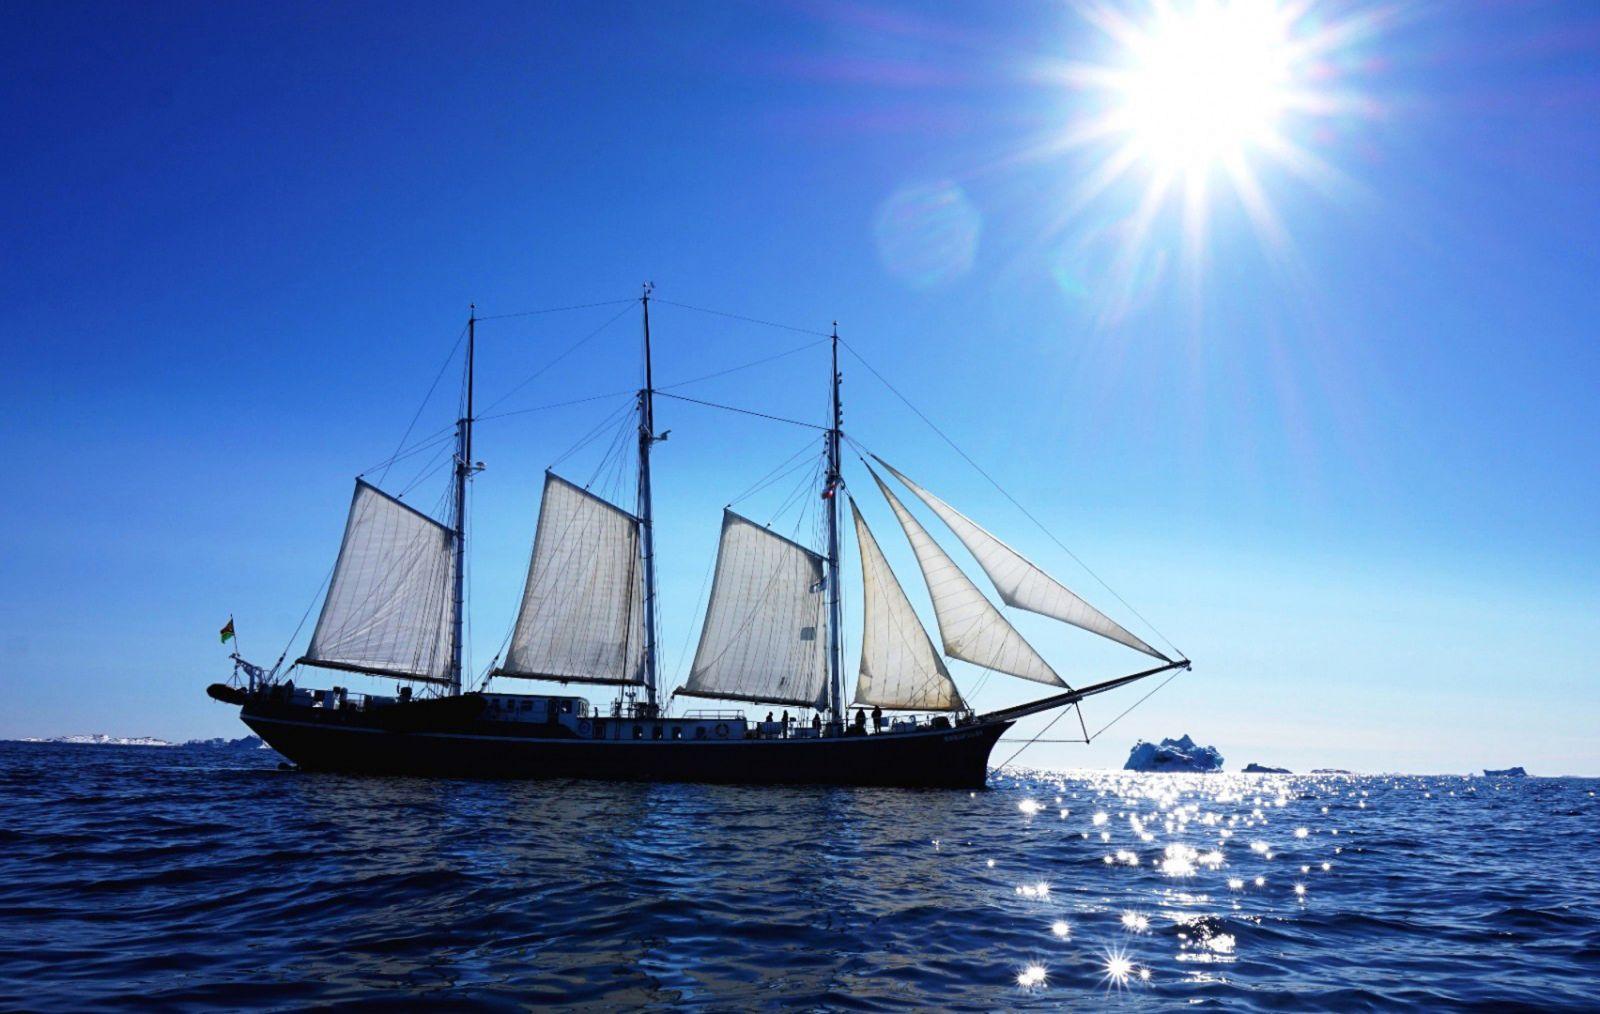 Rembrandt Van Rijn Cruise365